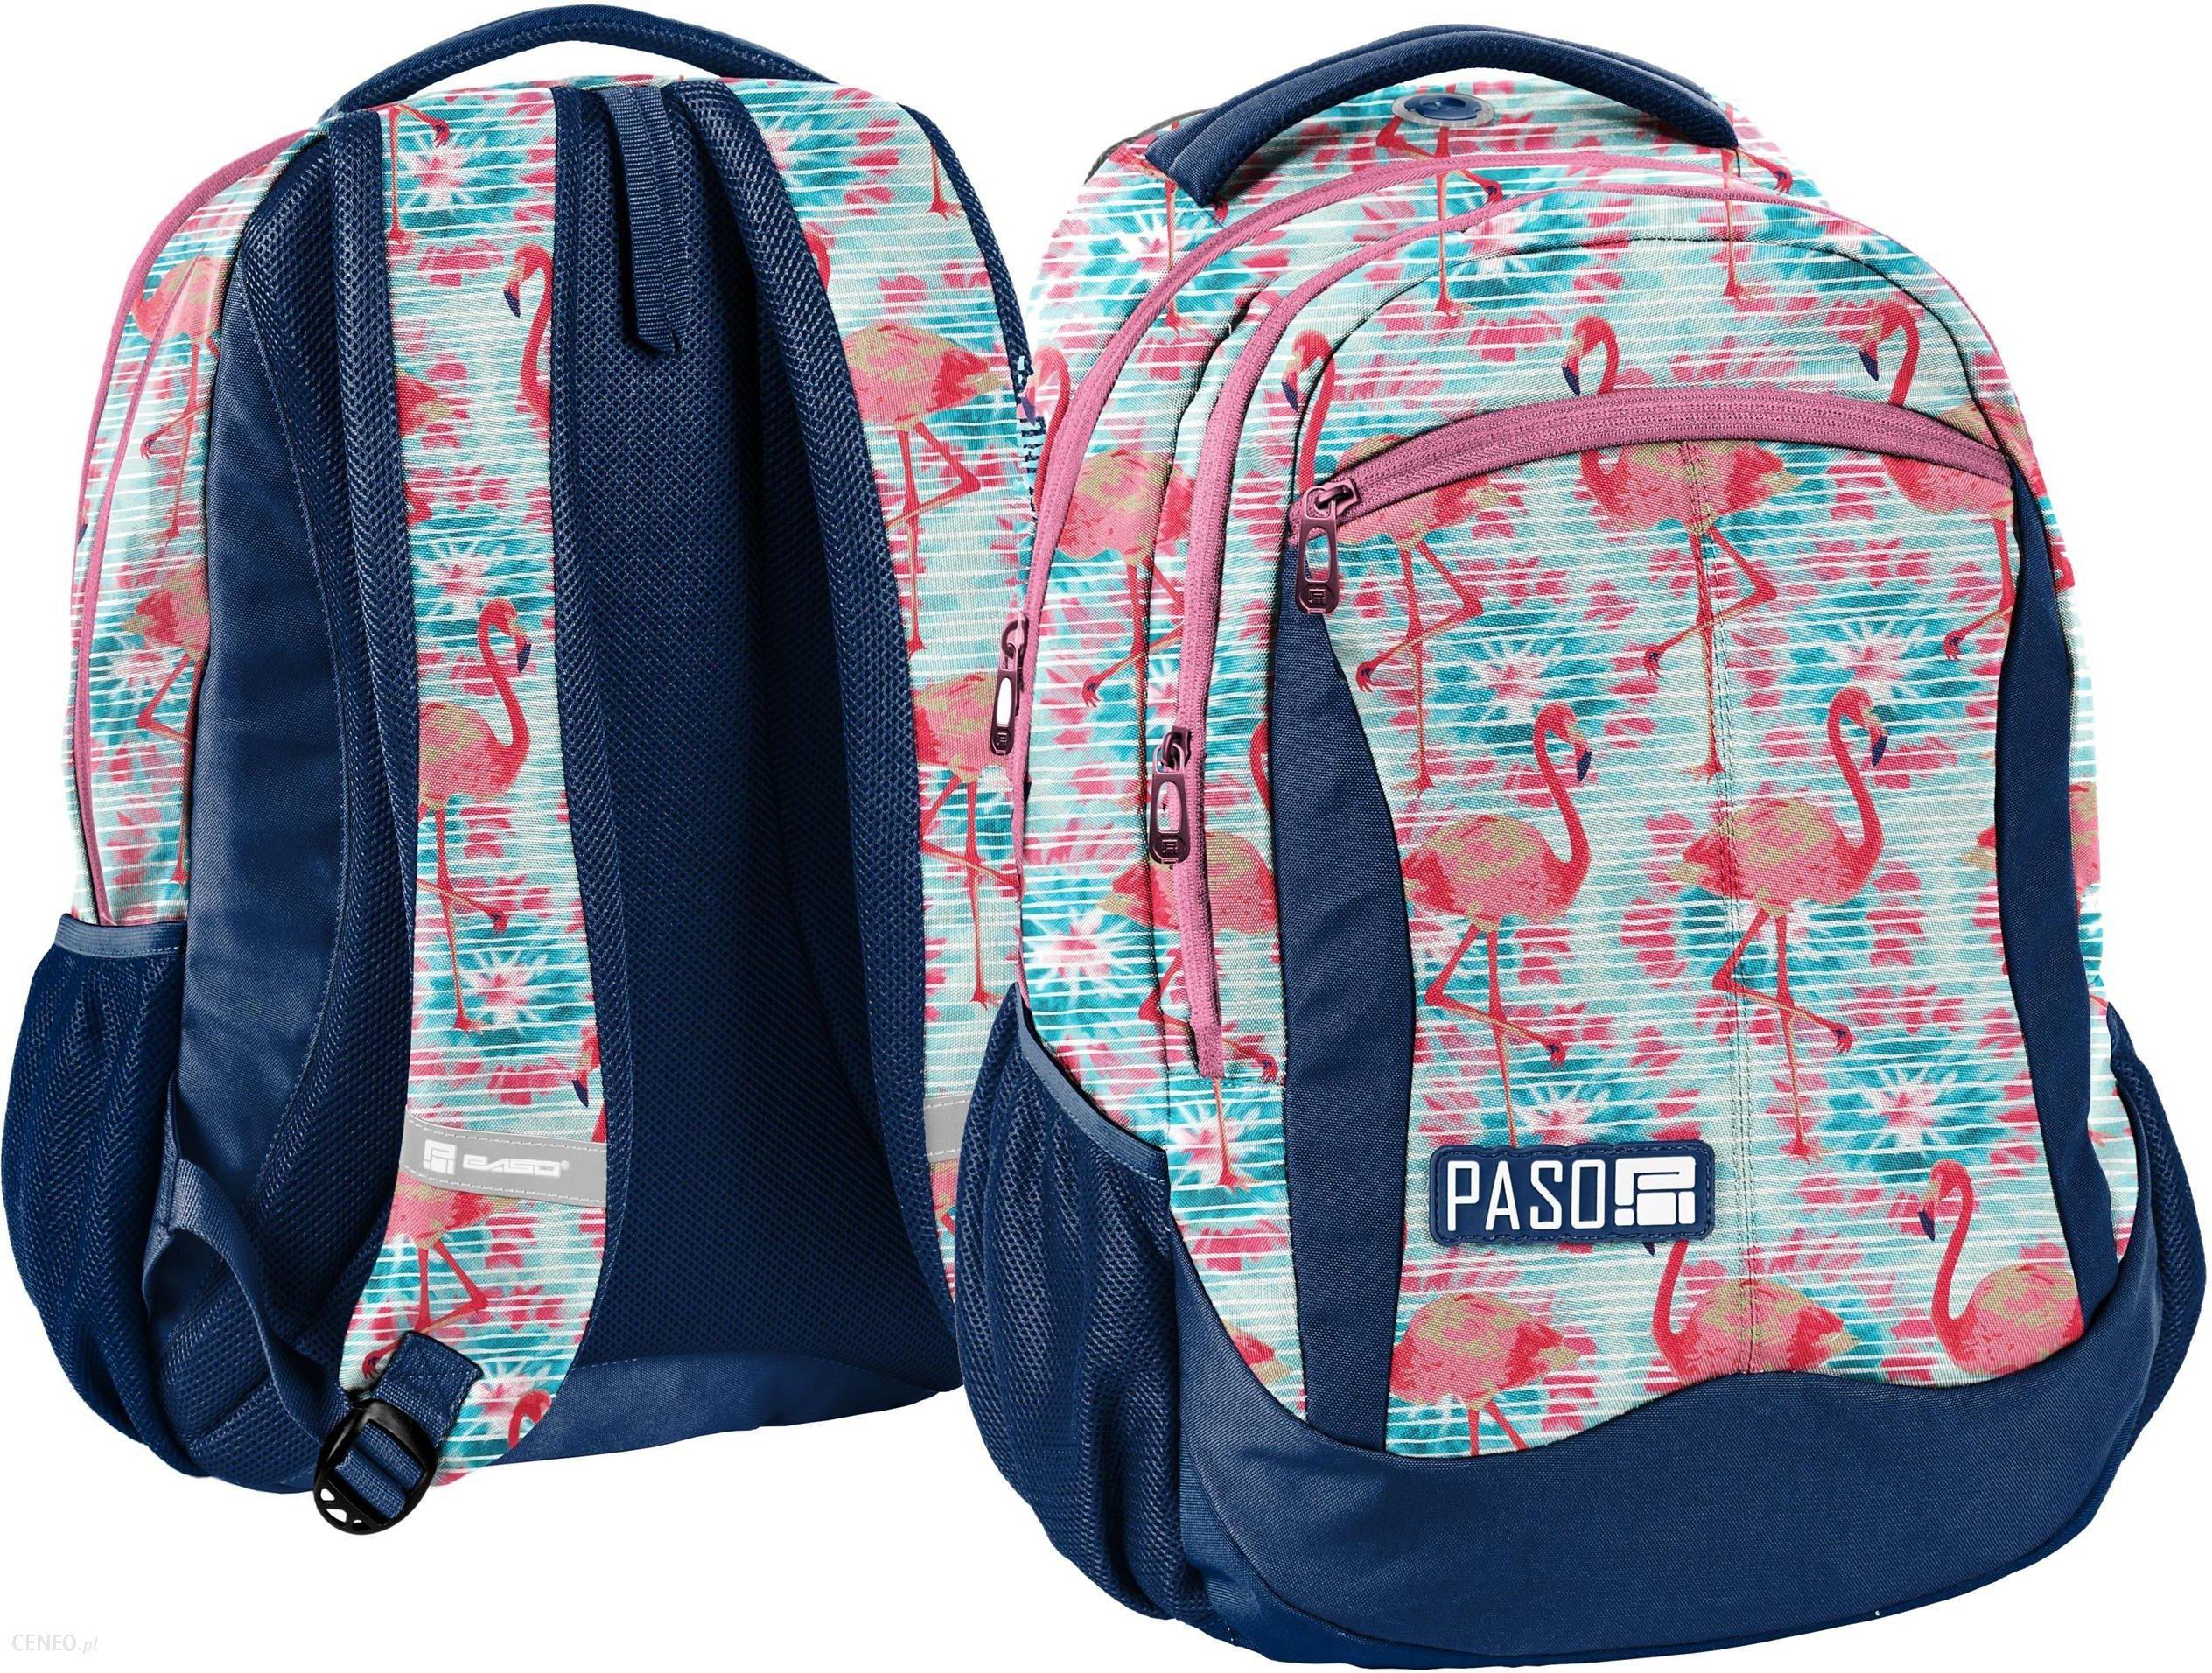 271a560b31b86 Paso Plecak Młodzieżowy Flamingi Unique - Ceny i opinie - Ceneo.pl